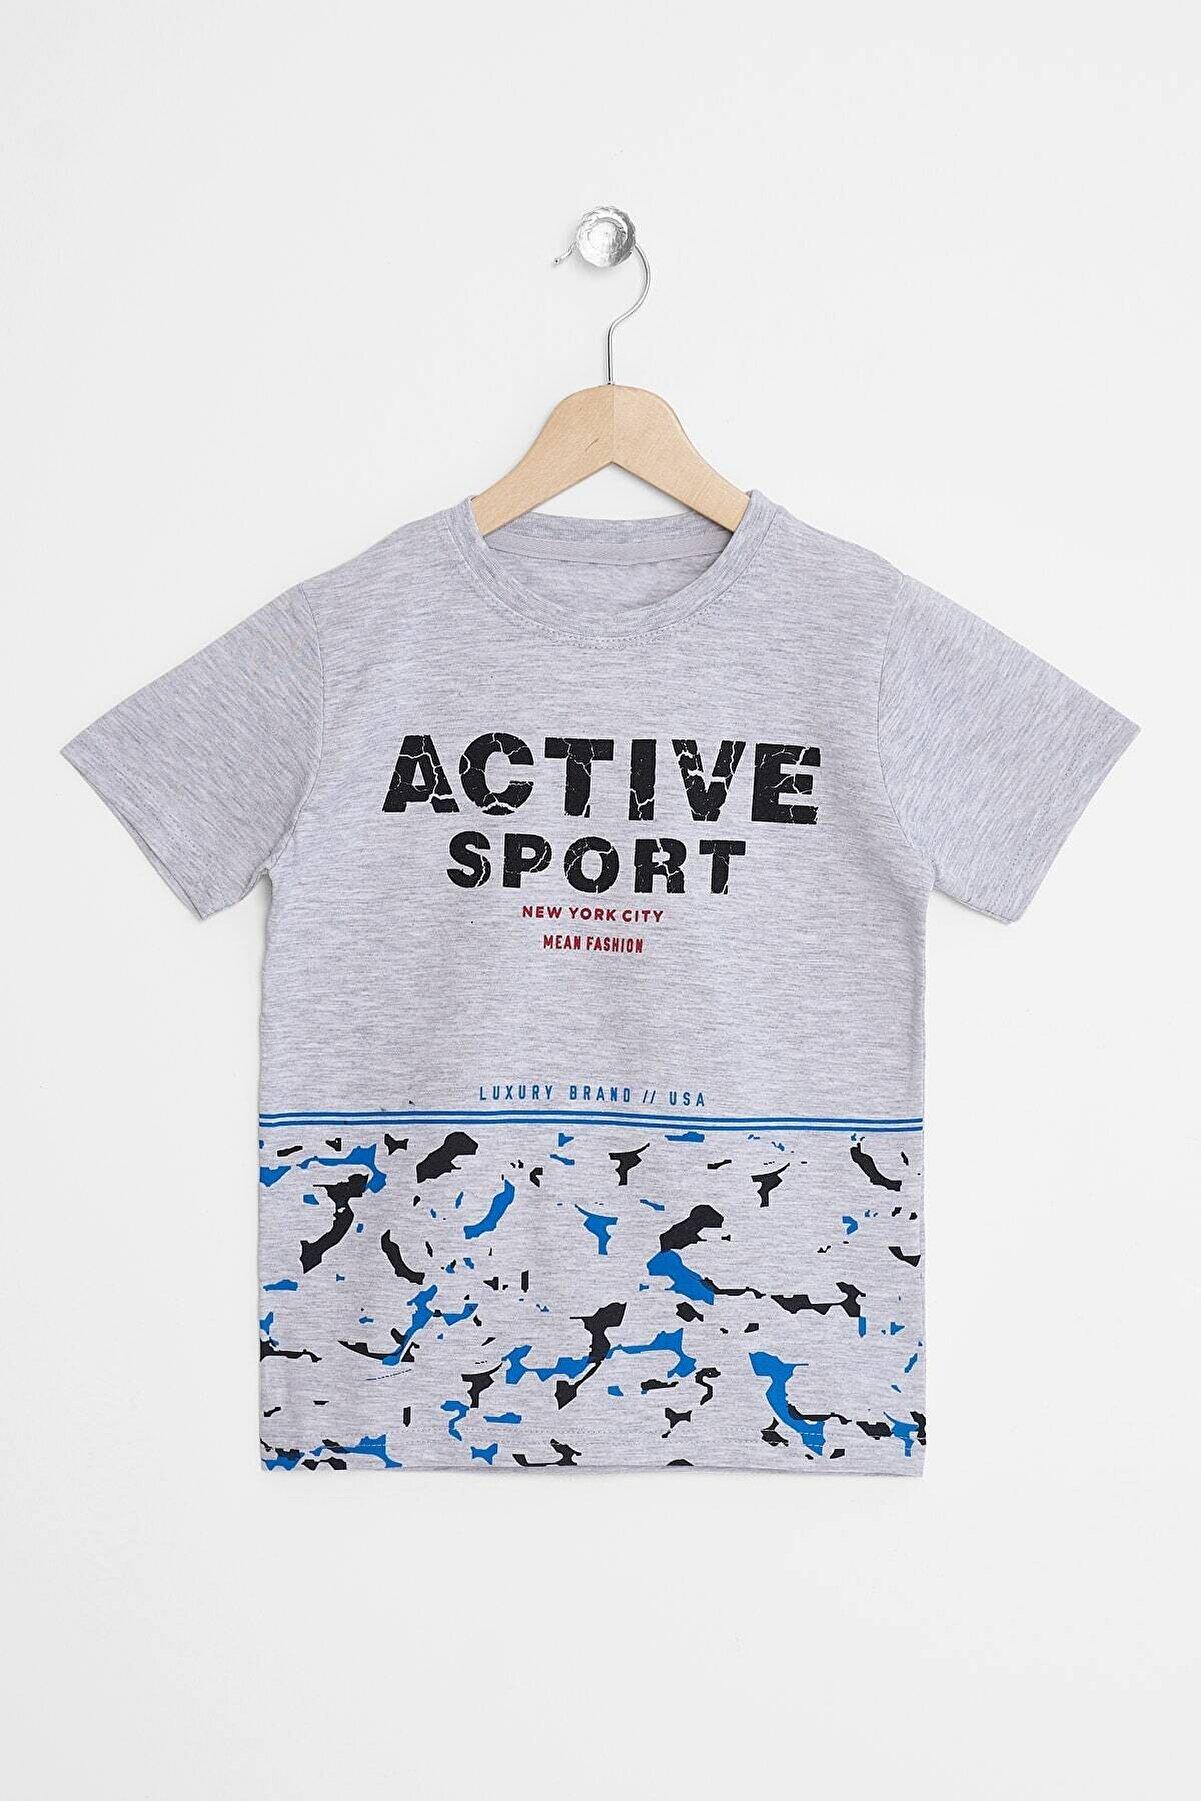 zepkids Erkek Çocuk T-shirt Active Sport Baskılı 8-12 Yaş